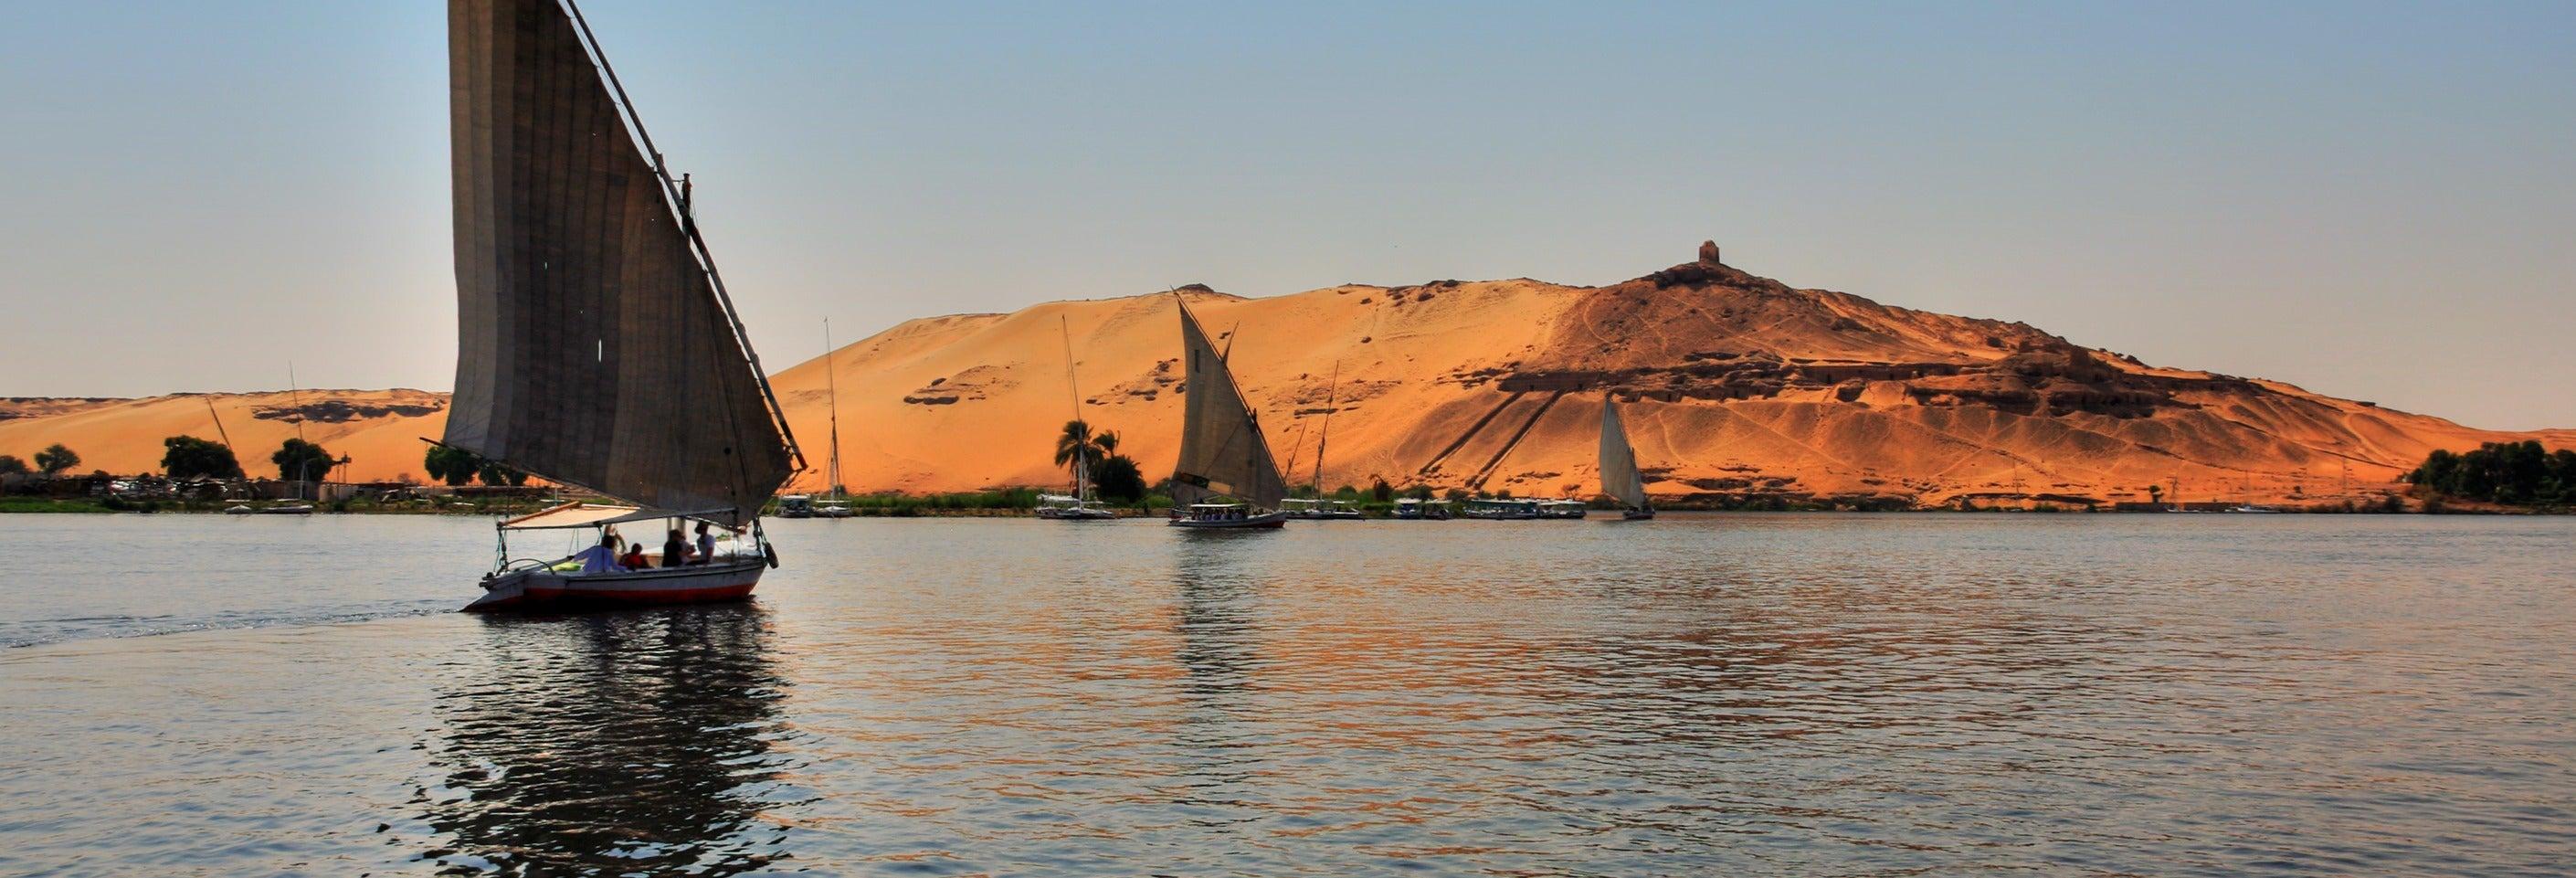 Paseo en barco por el Nilo